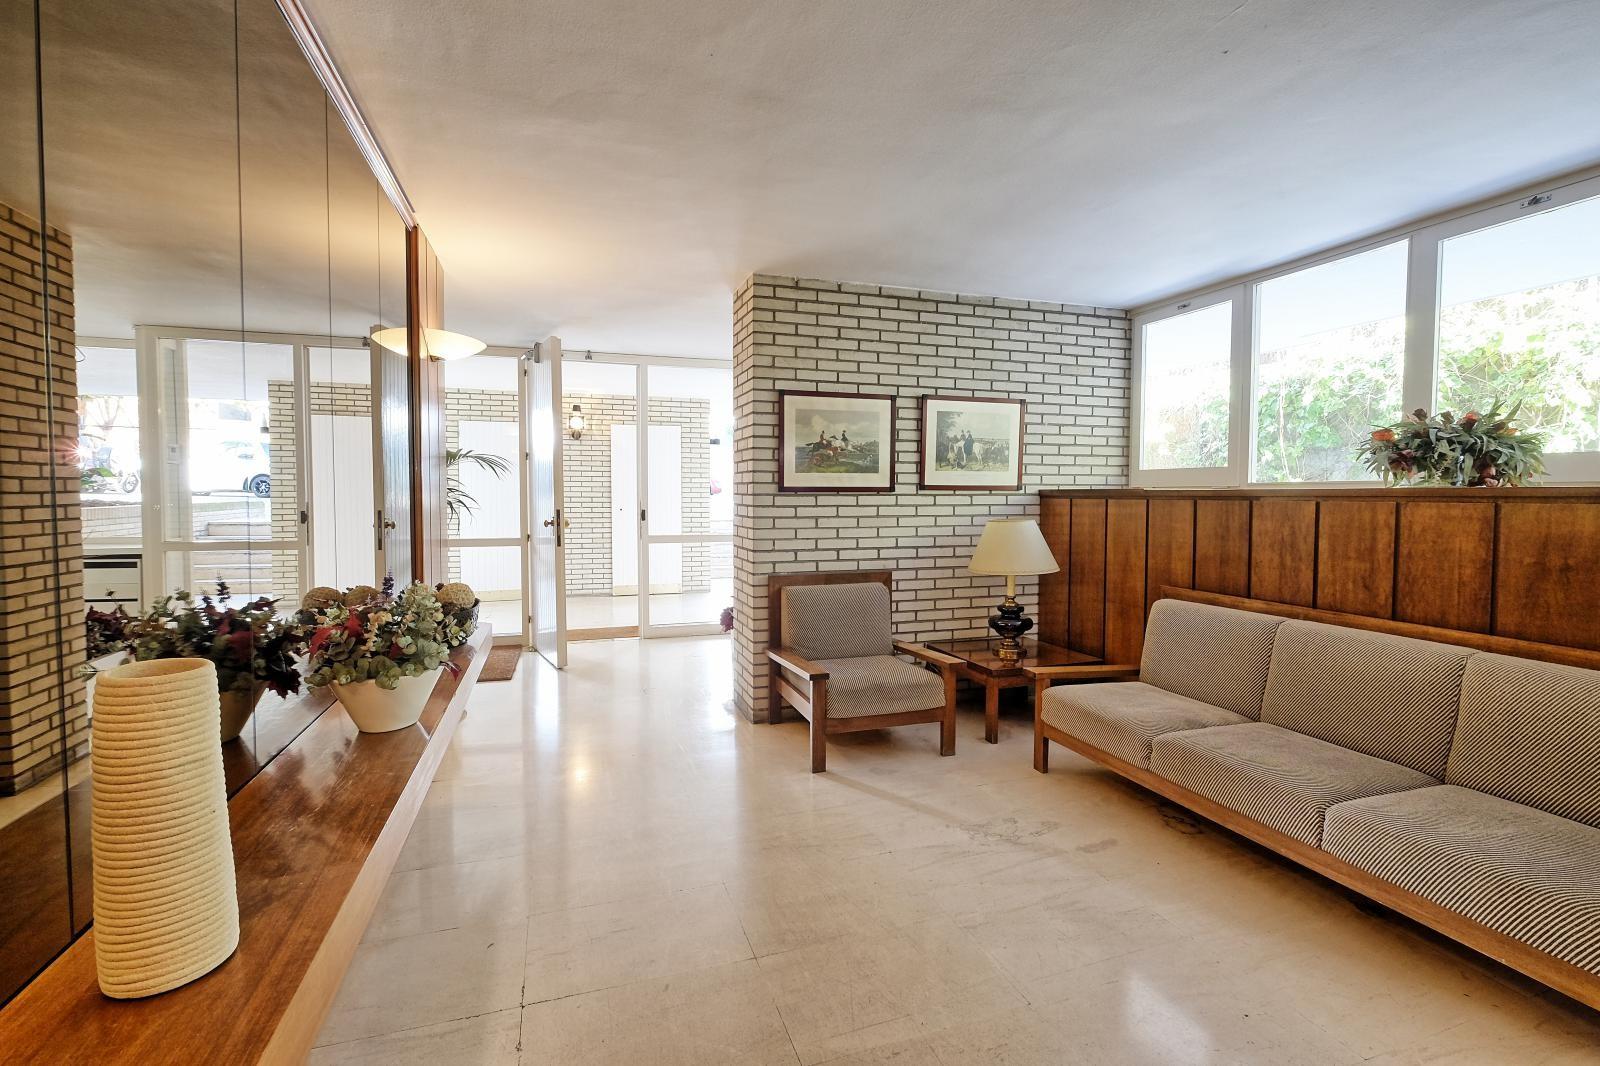 MG Inmobiliaria Barcelona - pau-alcover-calatrava